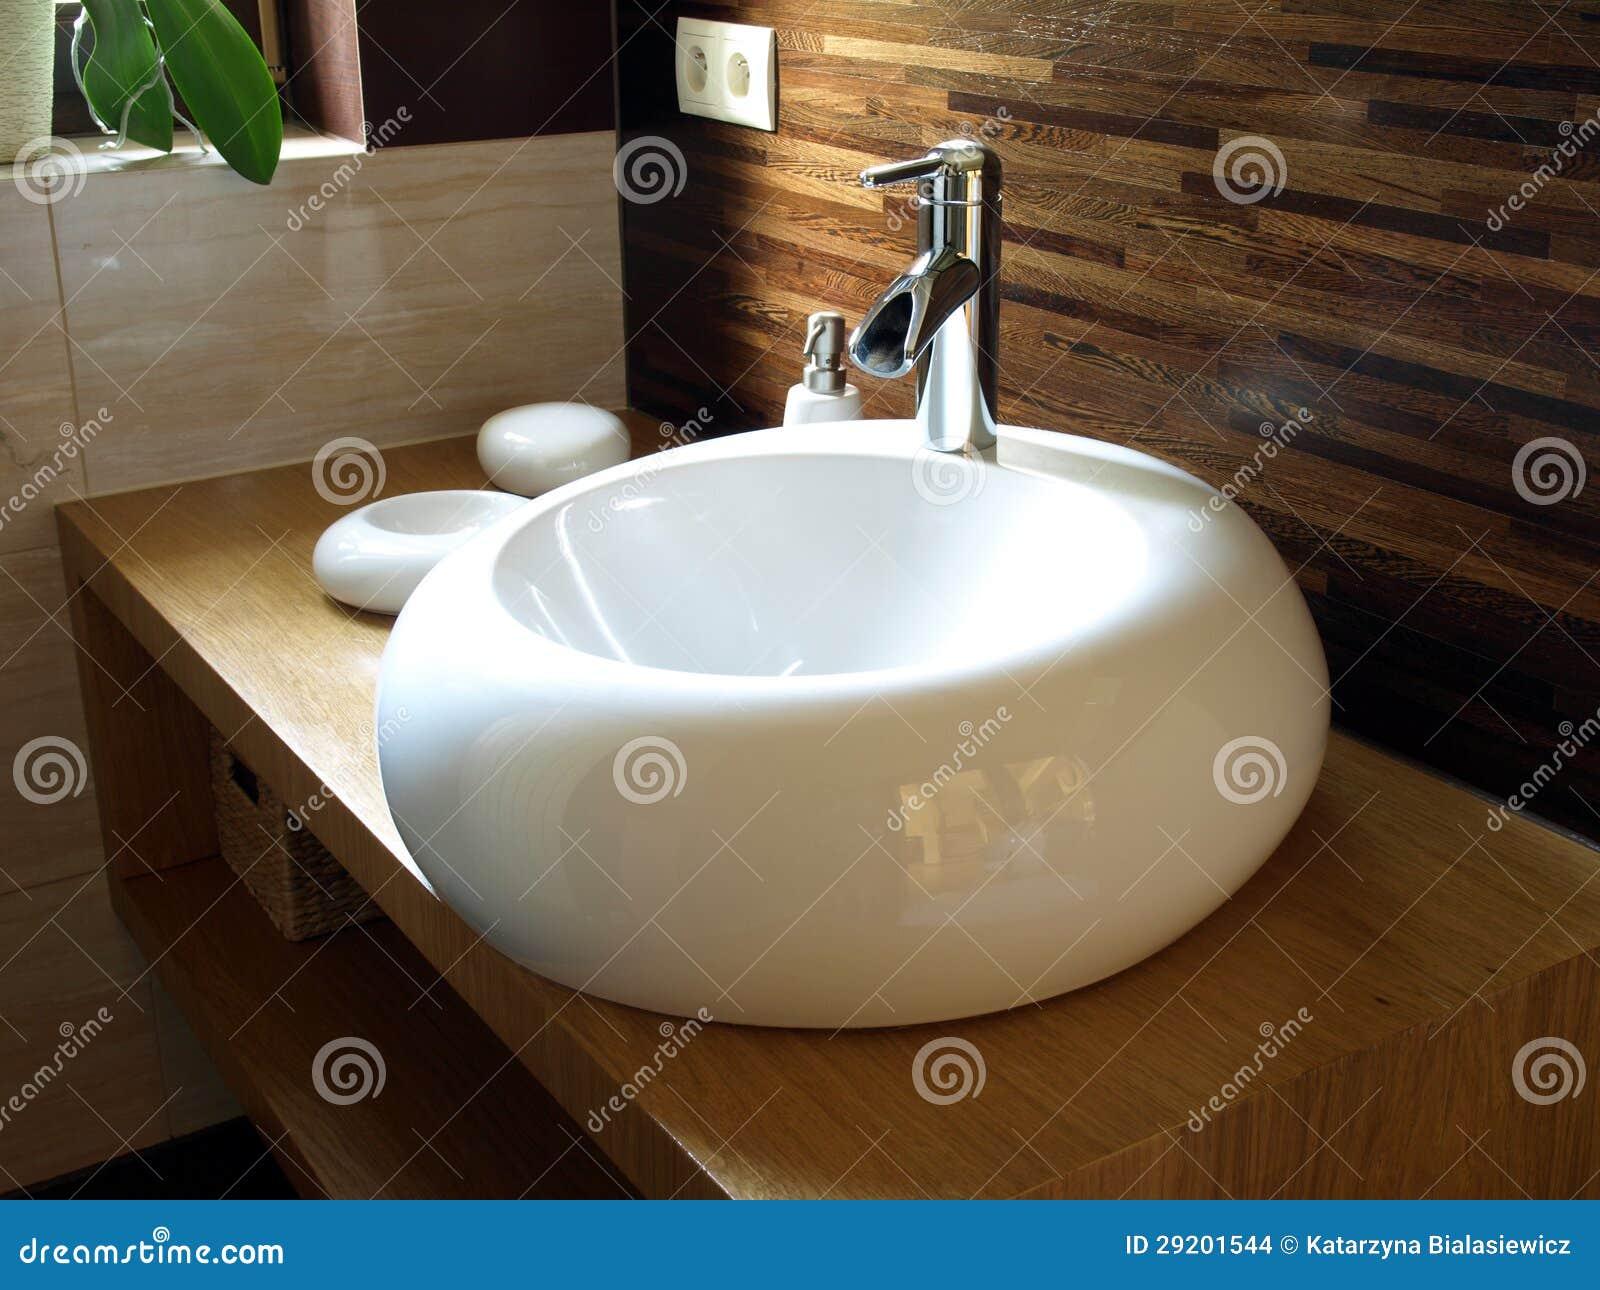 Ronde gootsteen in een moderne badkamers stock afbeeldingen afbeelding 29201544 for Moderne badkamers